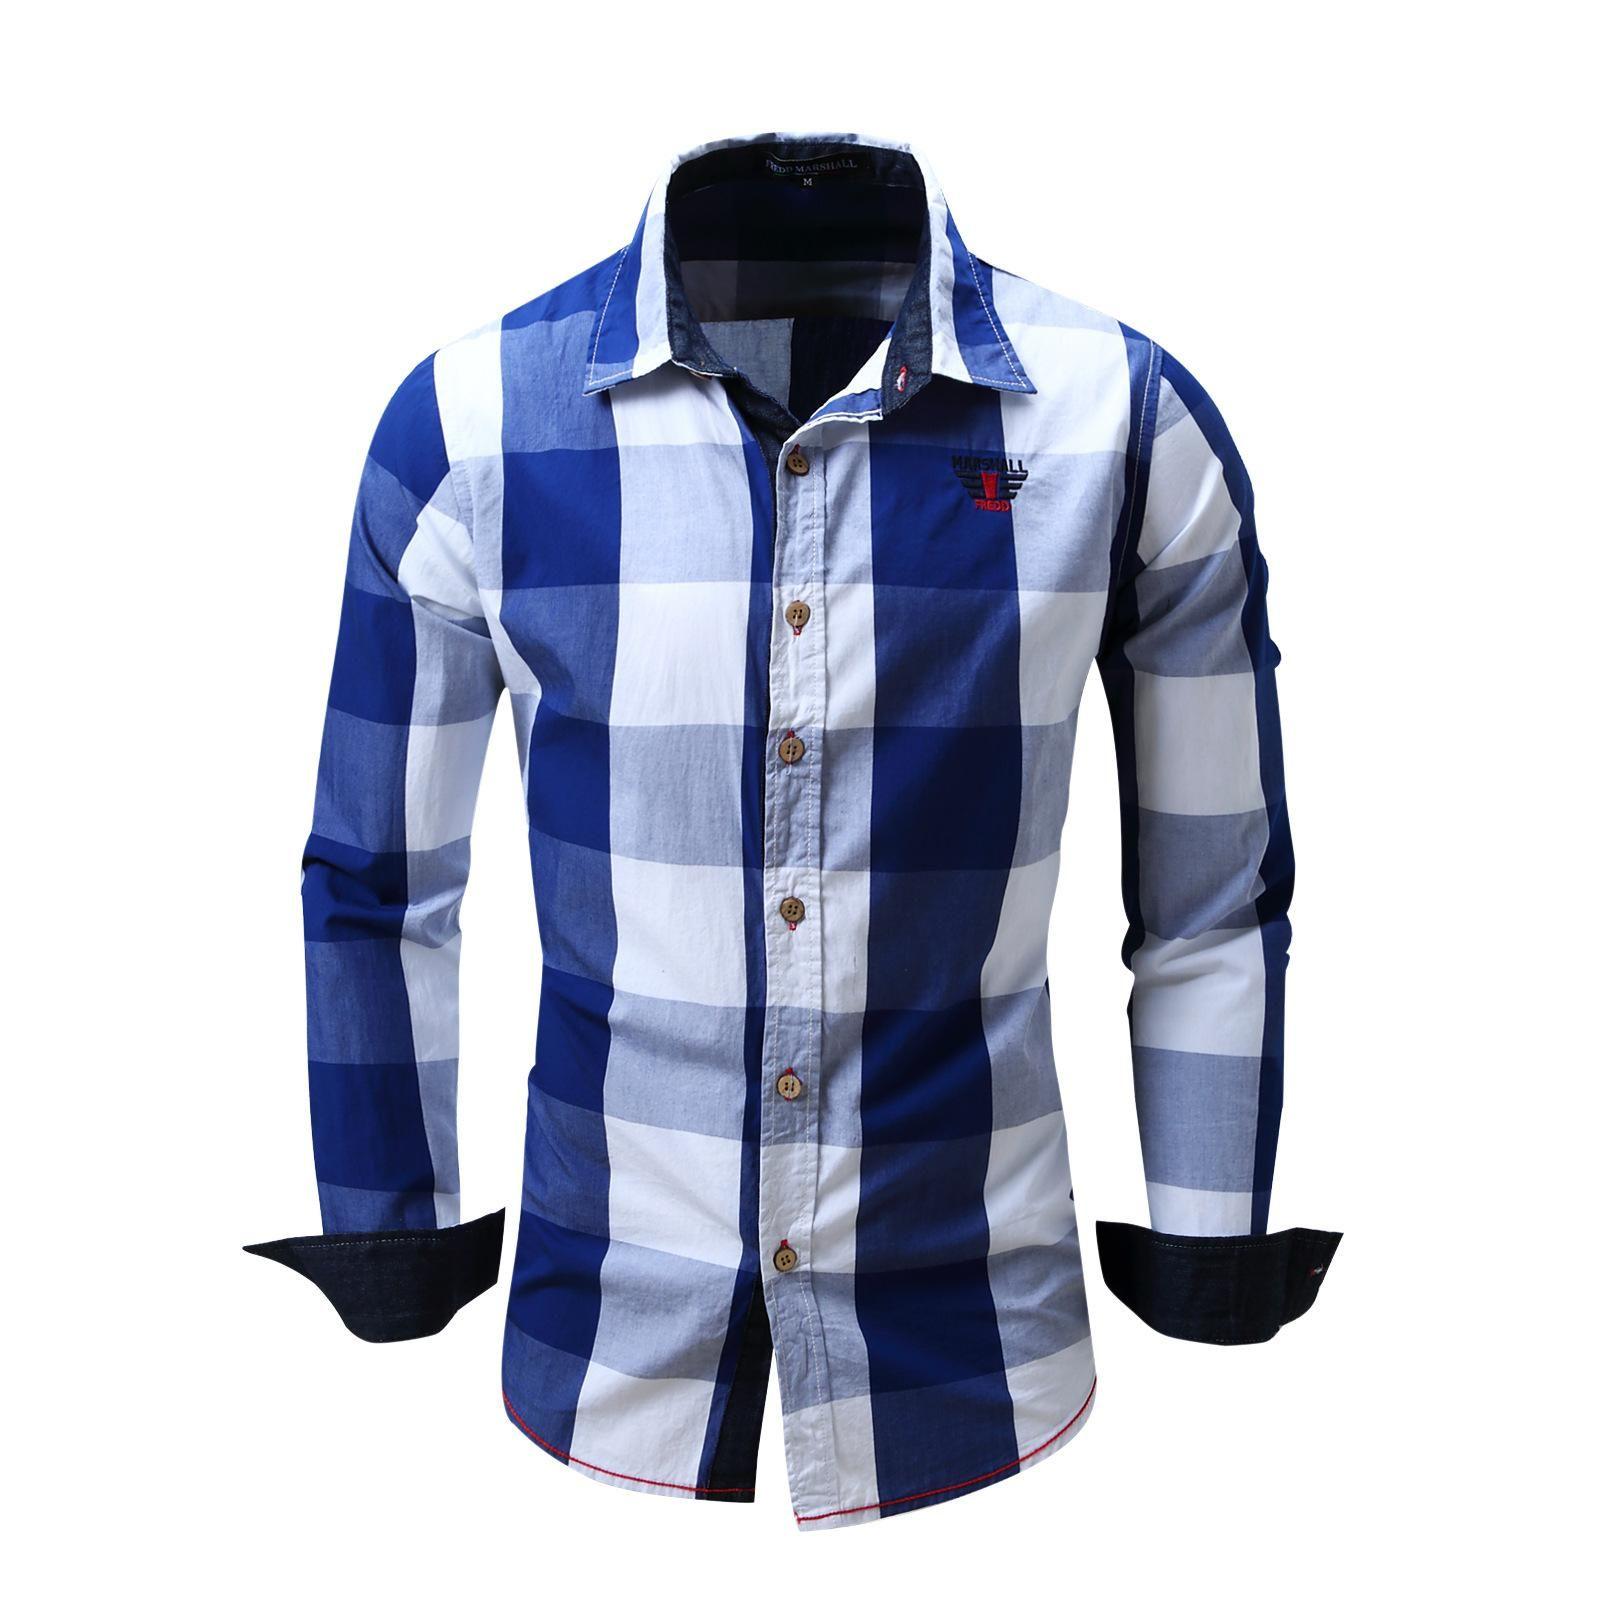 6e79ecfd5 rouge-et-bleu-chemise-carreaux-hommes-chemises.jpg